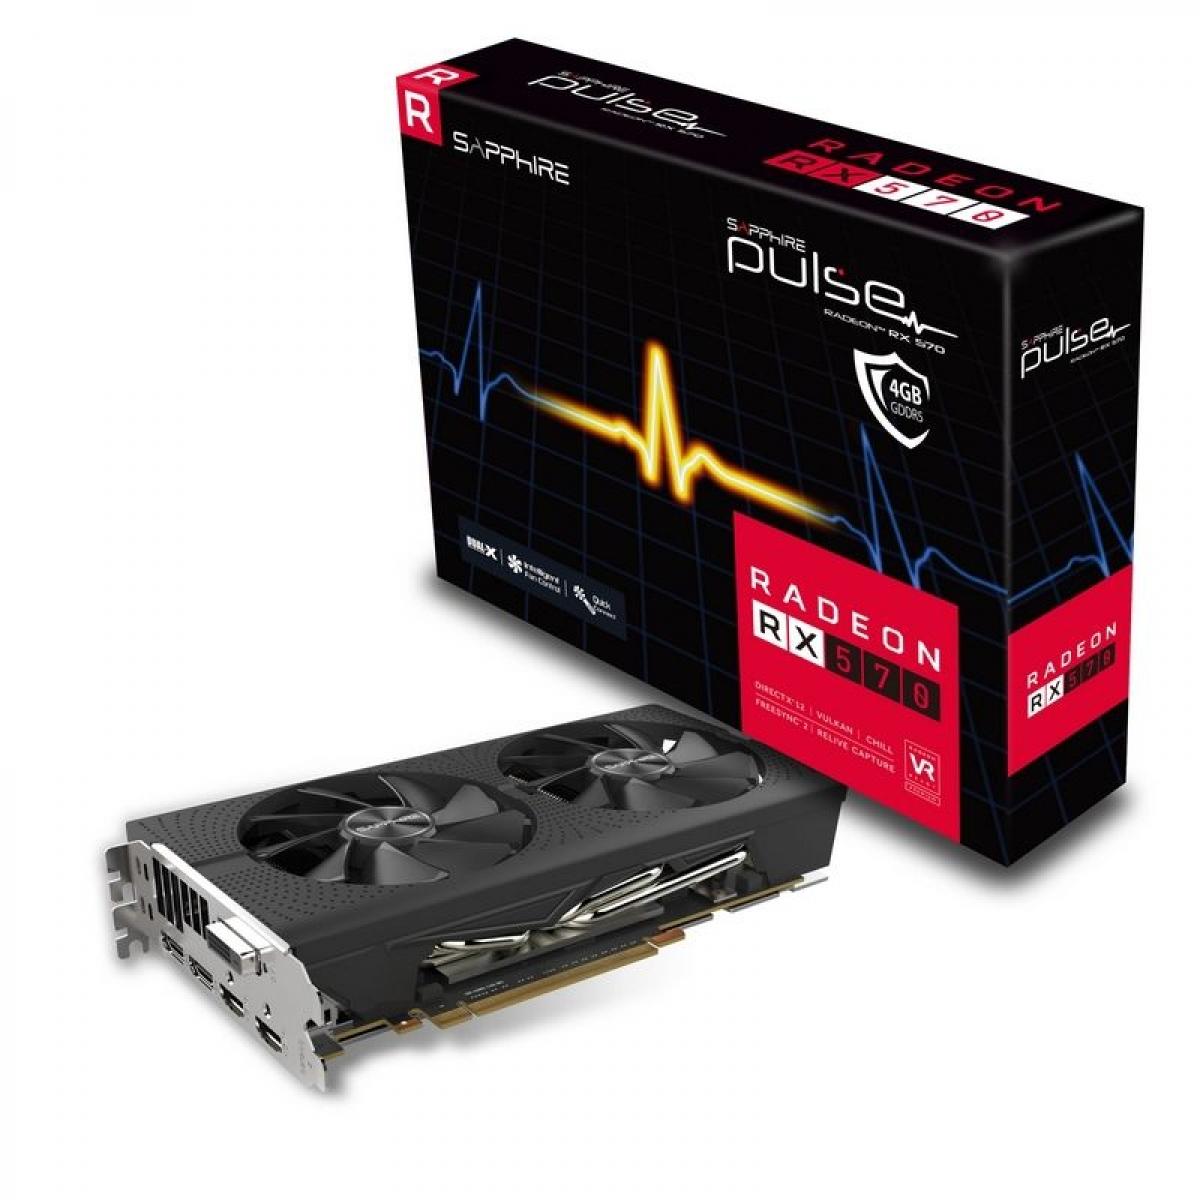 Placa de Vídeo Sapphire Radeon RX 570 Pulse Dual, 4GB GDDR5, 256BIT, 11266-04-20G